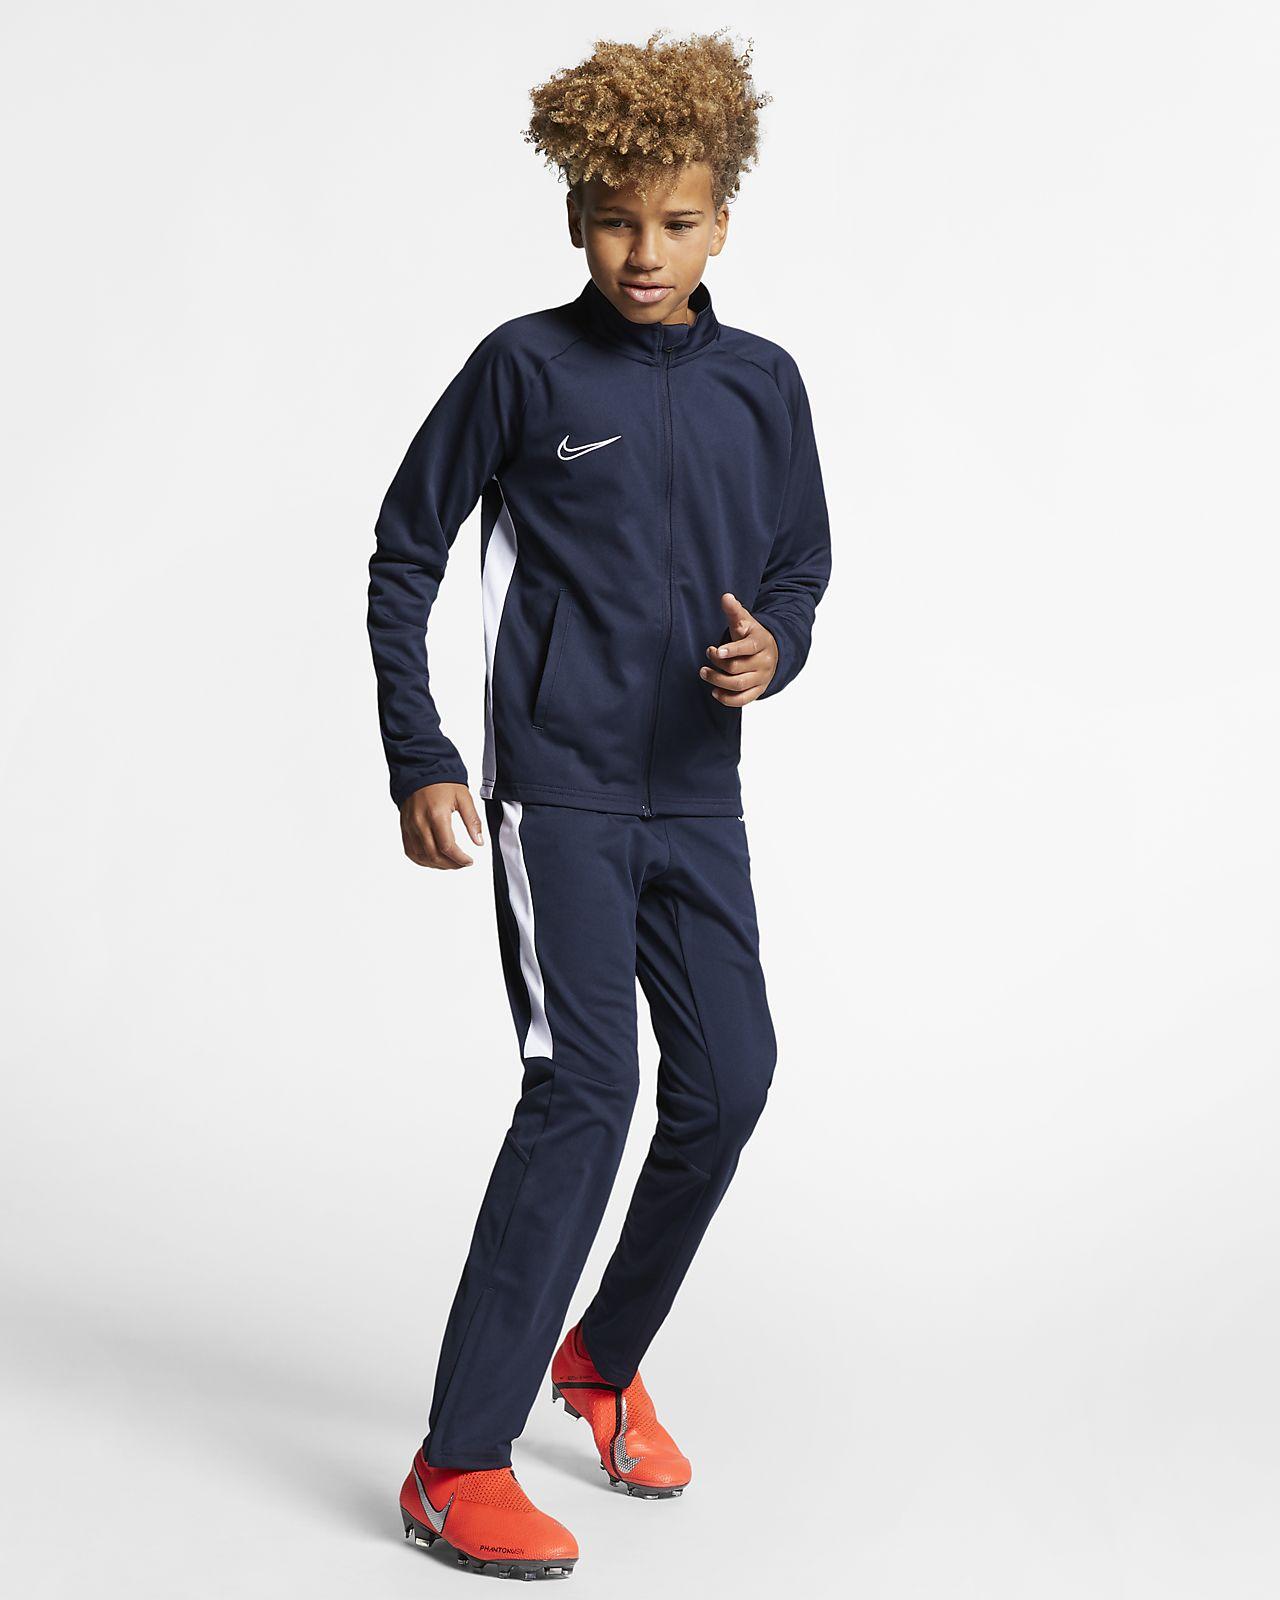 Nike Dri-FIT Academy Voetbaltrainingspak voor kids